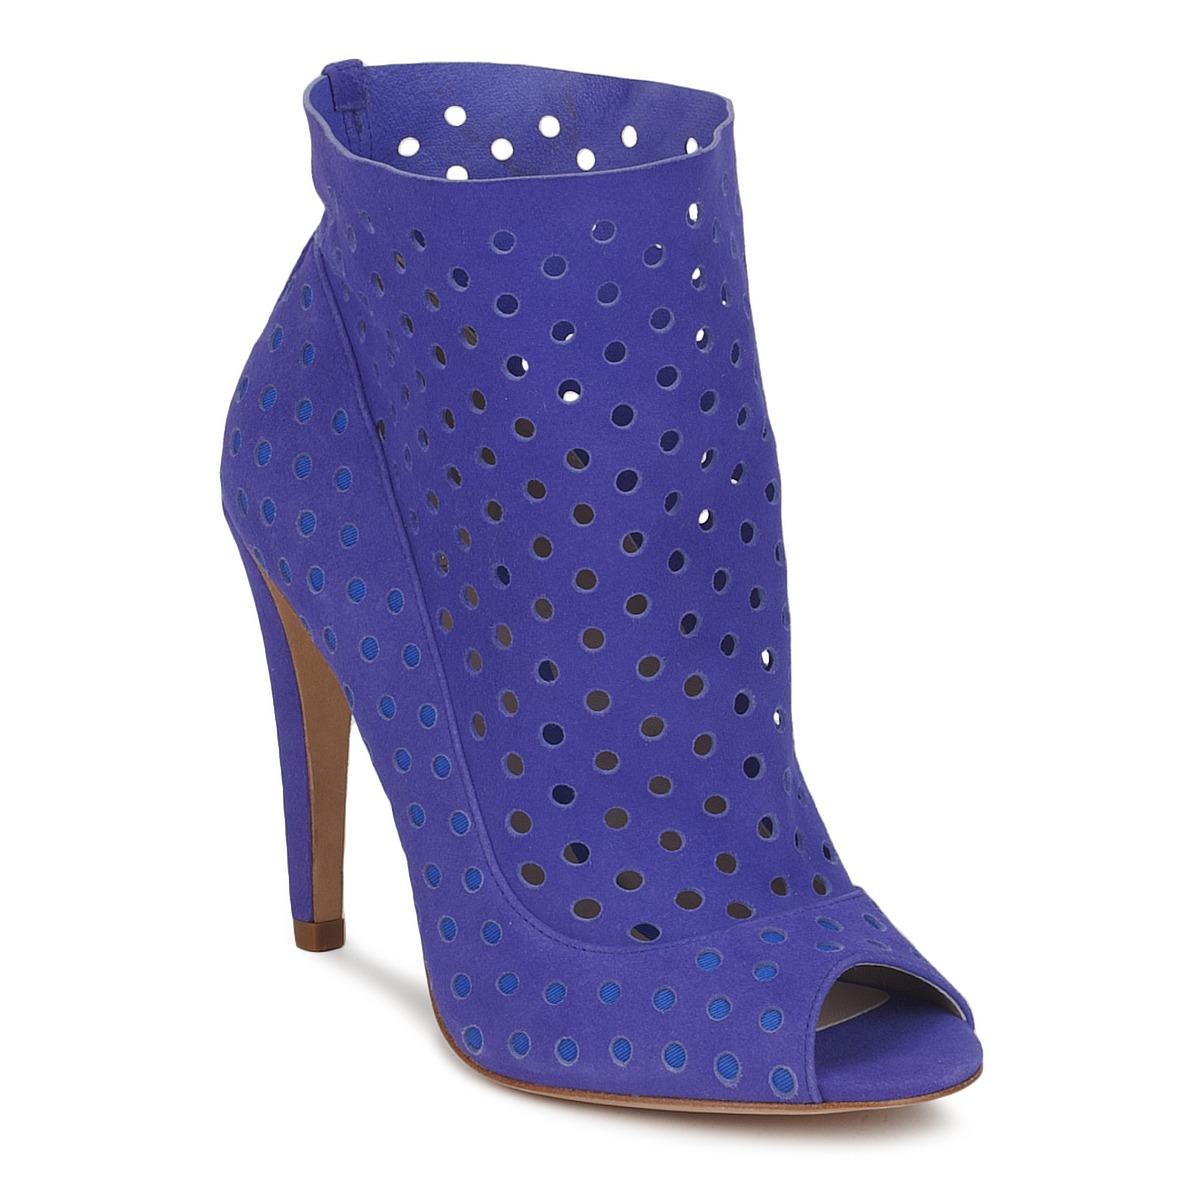 Bourne RITA Blau - Kostenloser Versand bei Spartoode ! - Schuhe Ankle Boots Damen 136,50 €